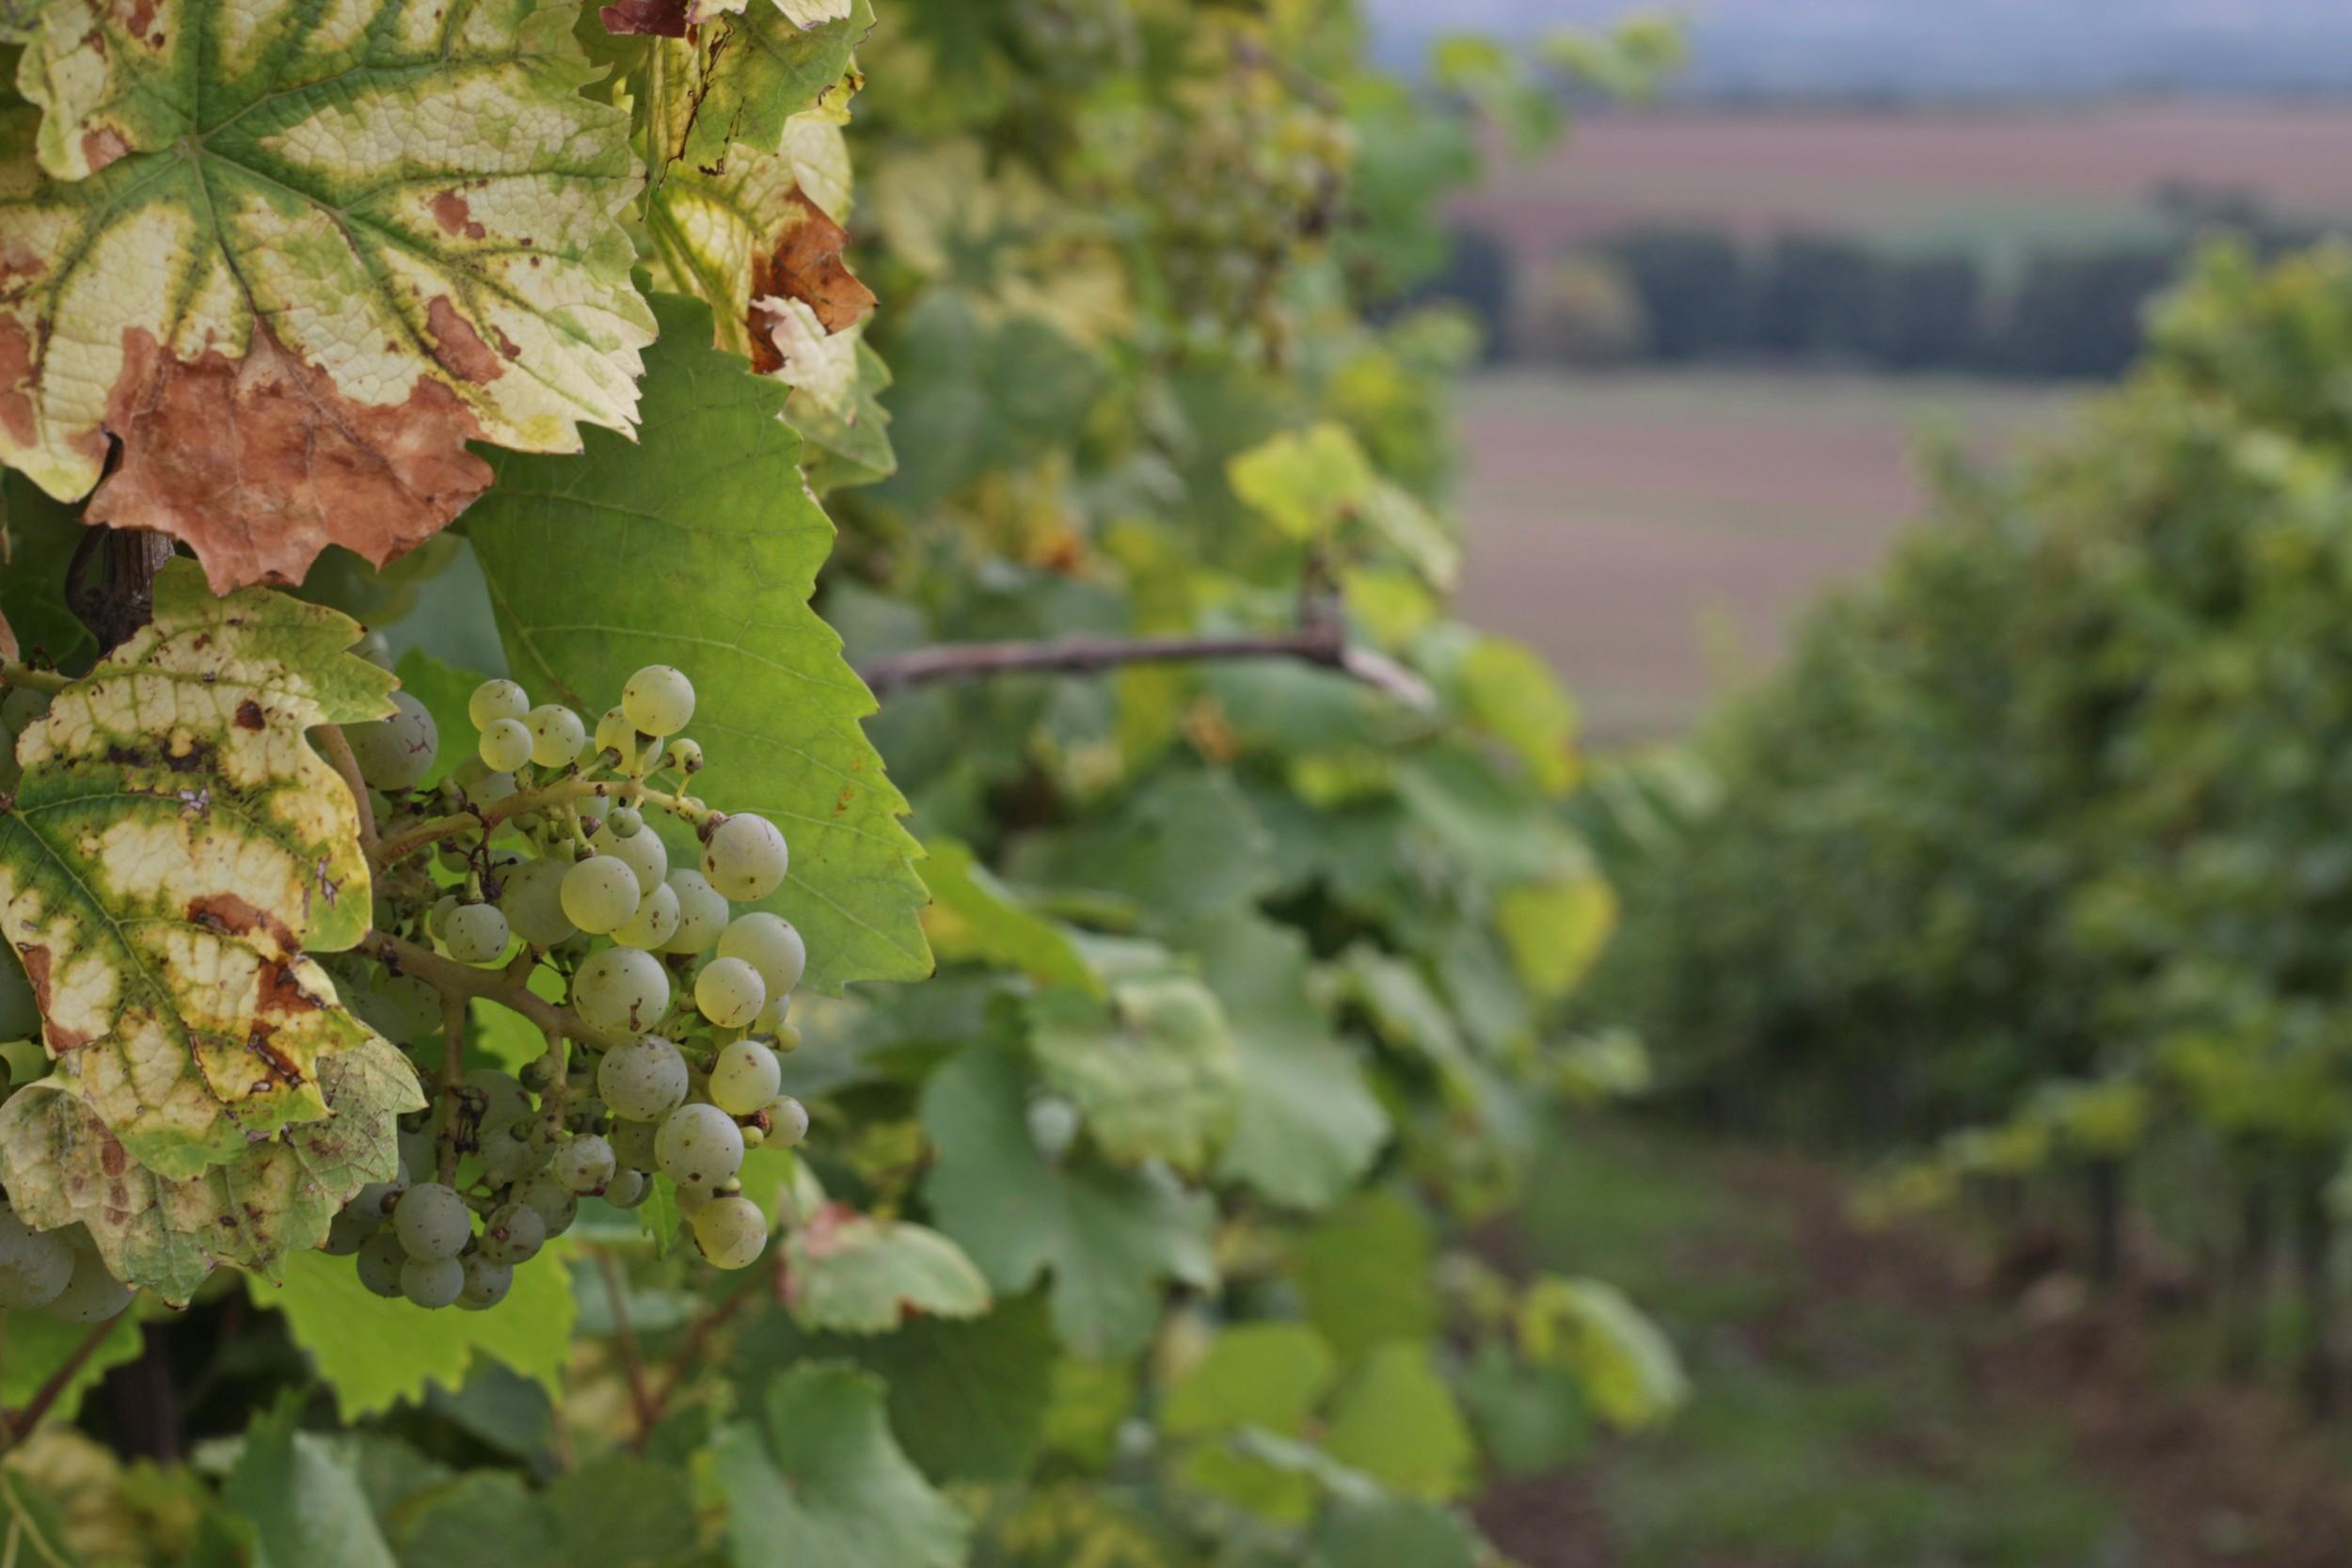 Vineyard- Eltville, Germany - September 2014